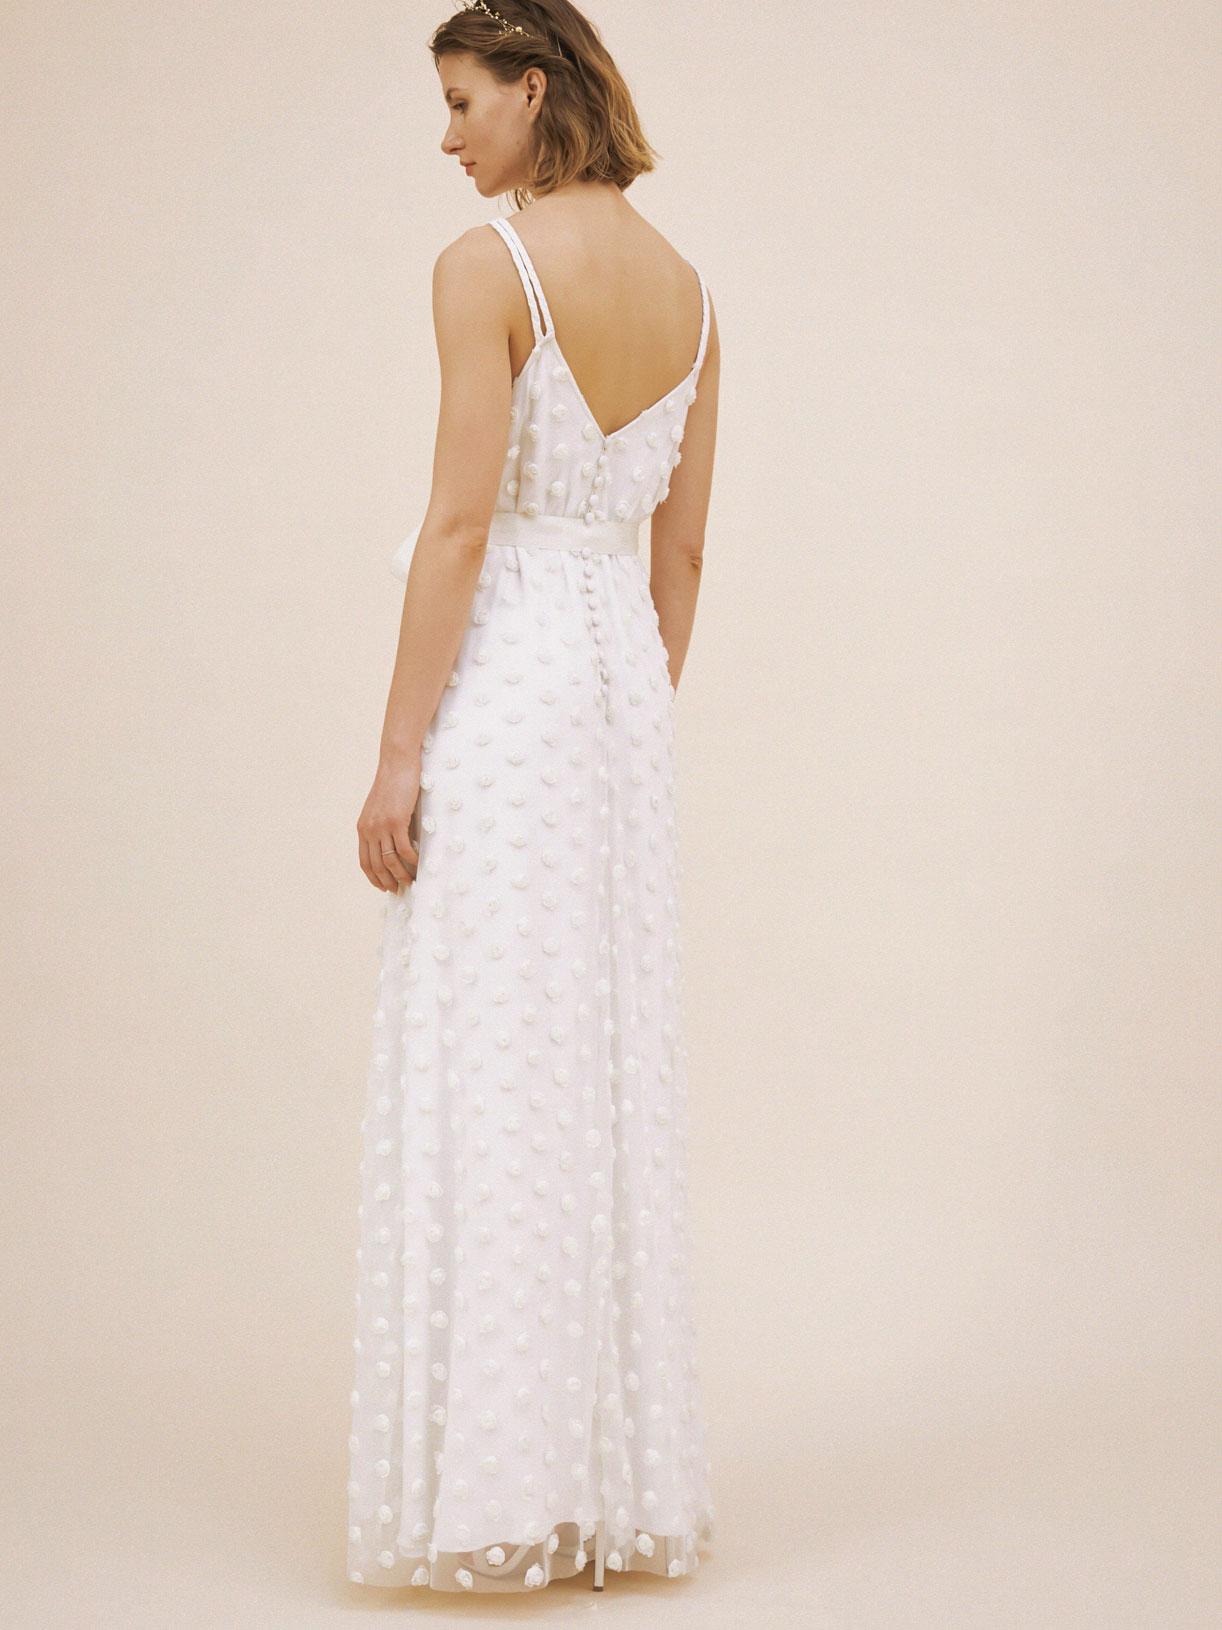 Robe de mariée bohème longue en plumetis écoresponsable - Creatrice de robe de mariée éthique et bio a Paris - Myphilosophy